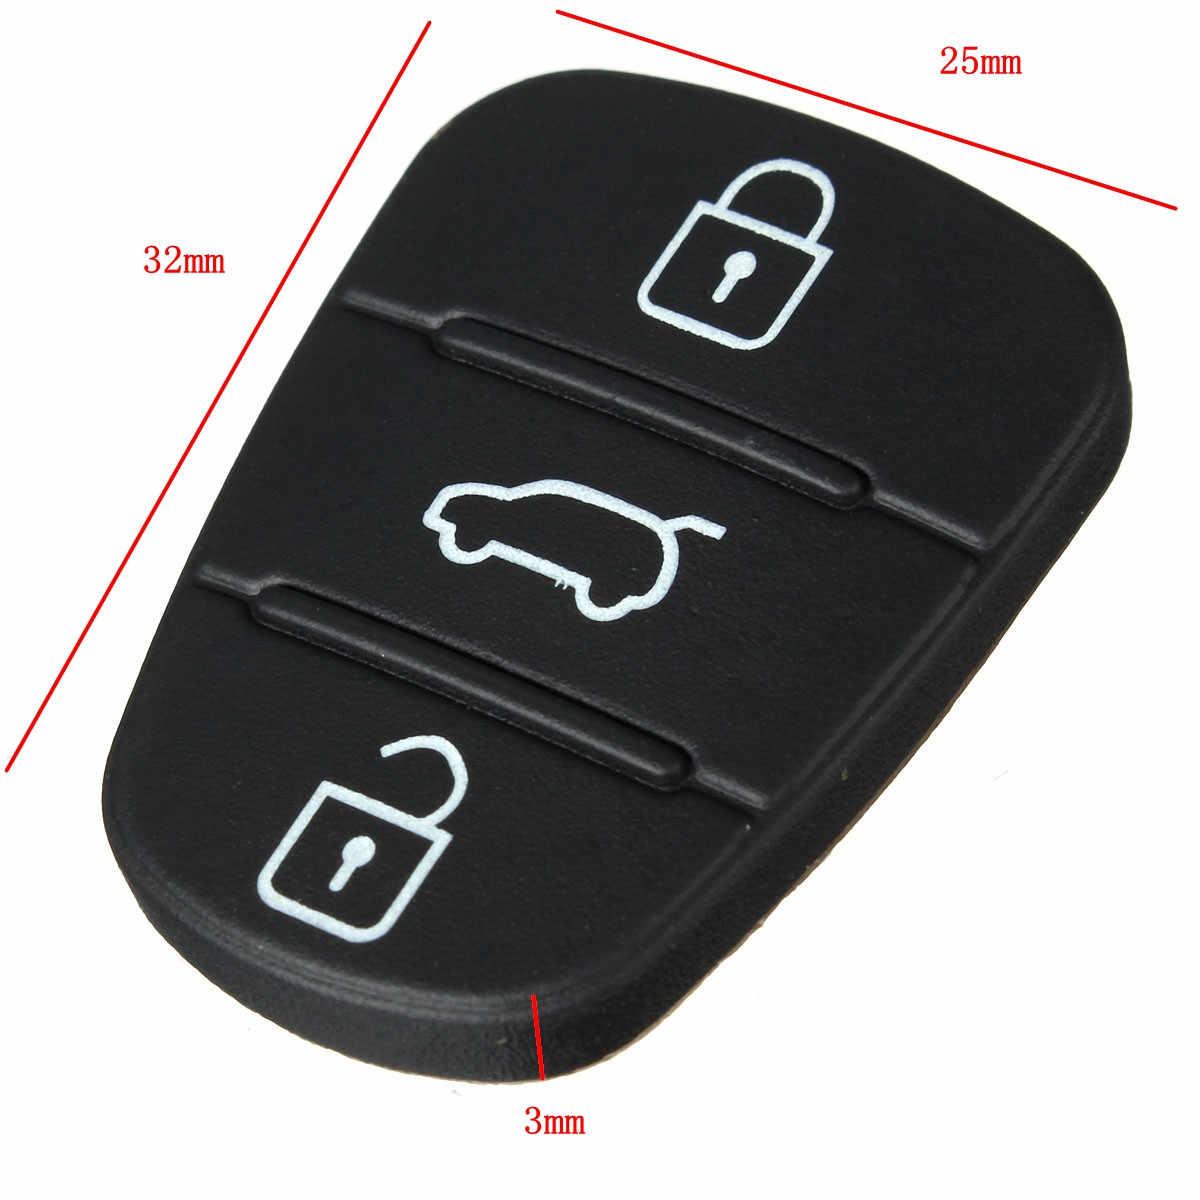 2x フリップ折りたたみリモート車のキーシェルゴムキーボタンパッドヒュンダイの Solaris アクセントツーソン l10 l20 l30/ 起亜リオ Ceed